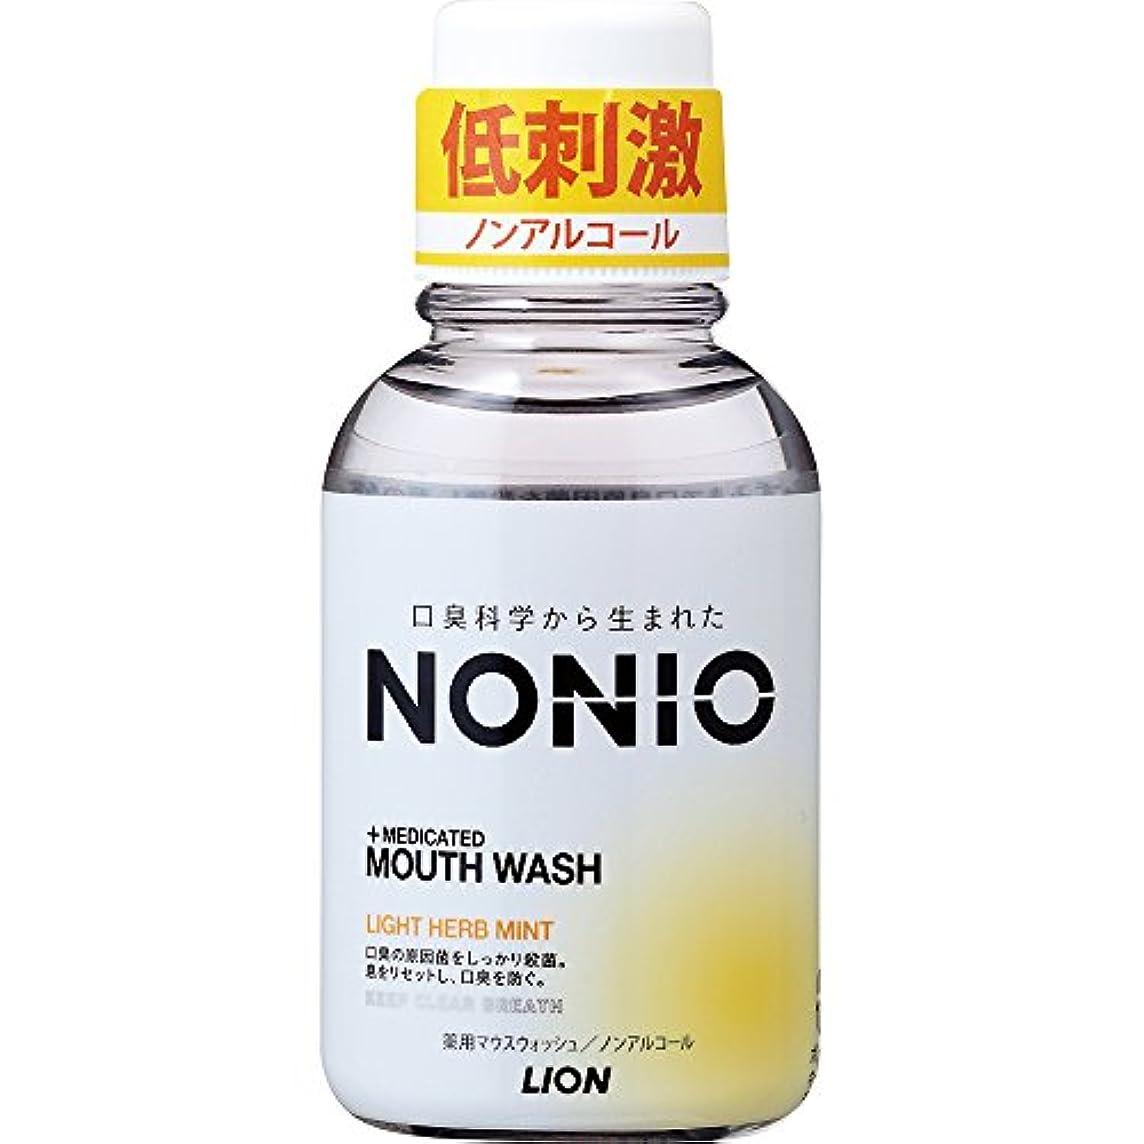 該当するジャズ聖なるNONIO マウスウォッシュ ノンアルコール ライトハーブミント 80ml 洗口液 (医薬部外品)